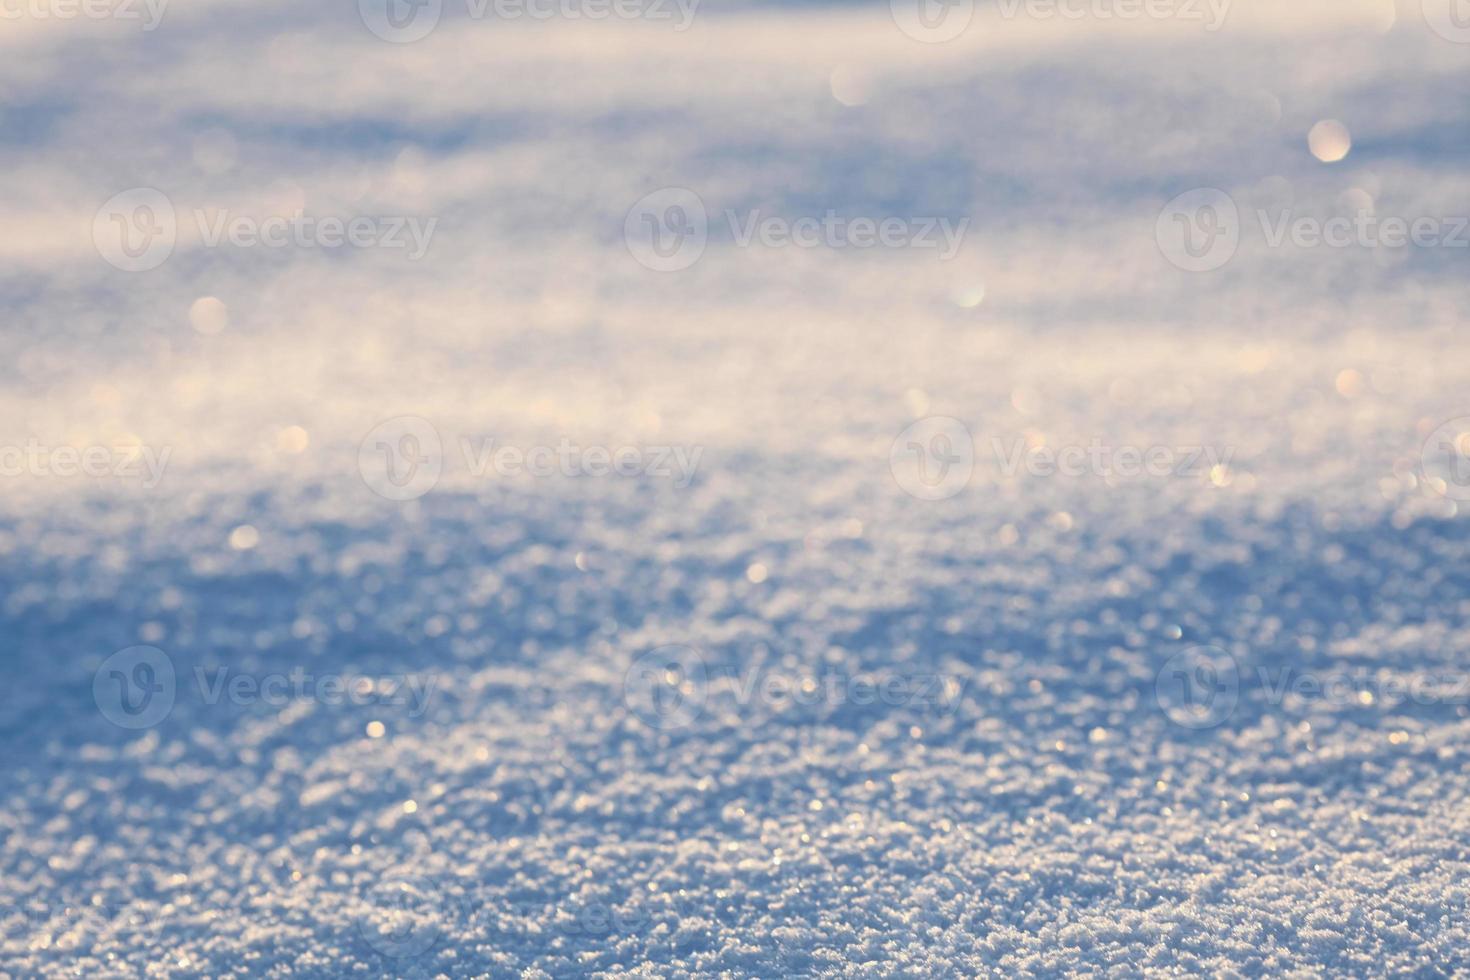 primer plano de la superficie de la nieve foto